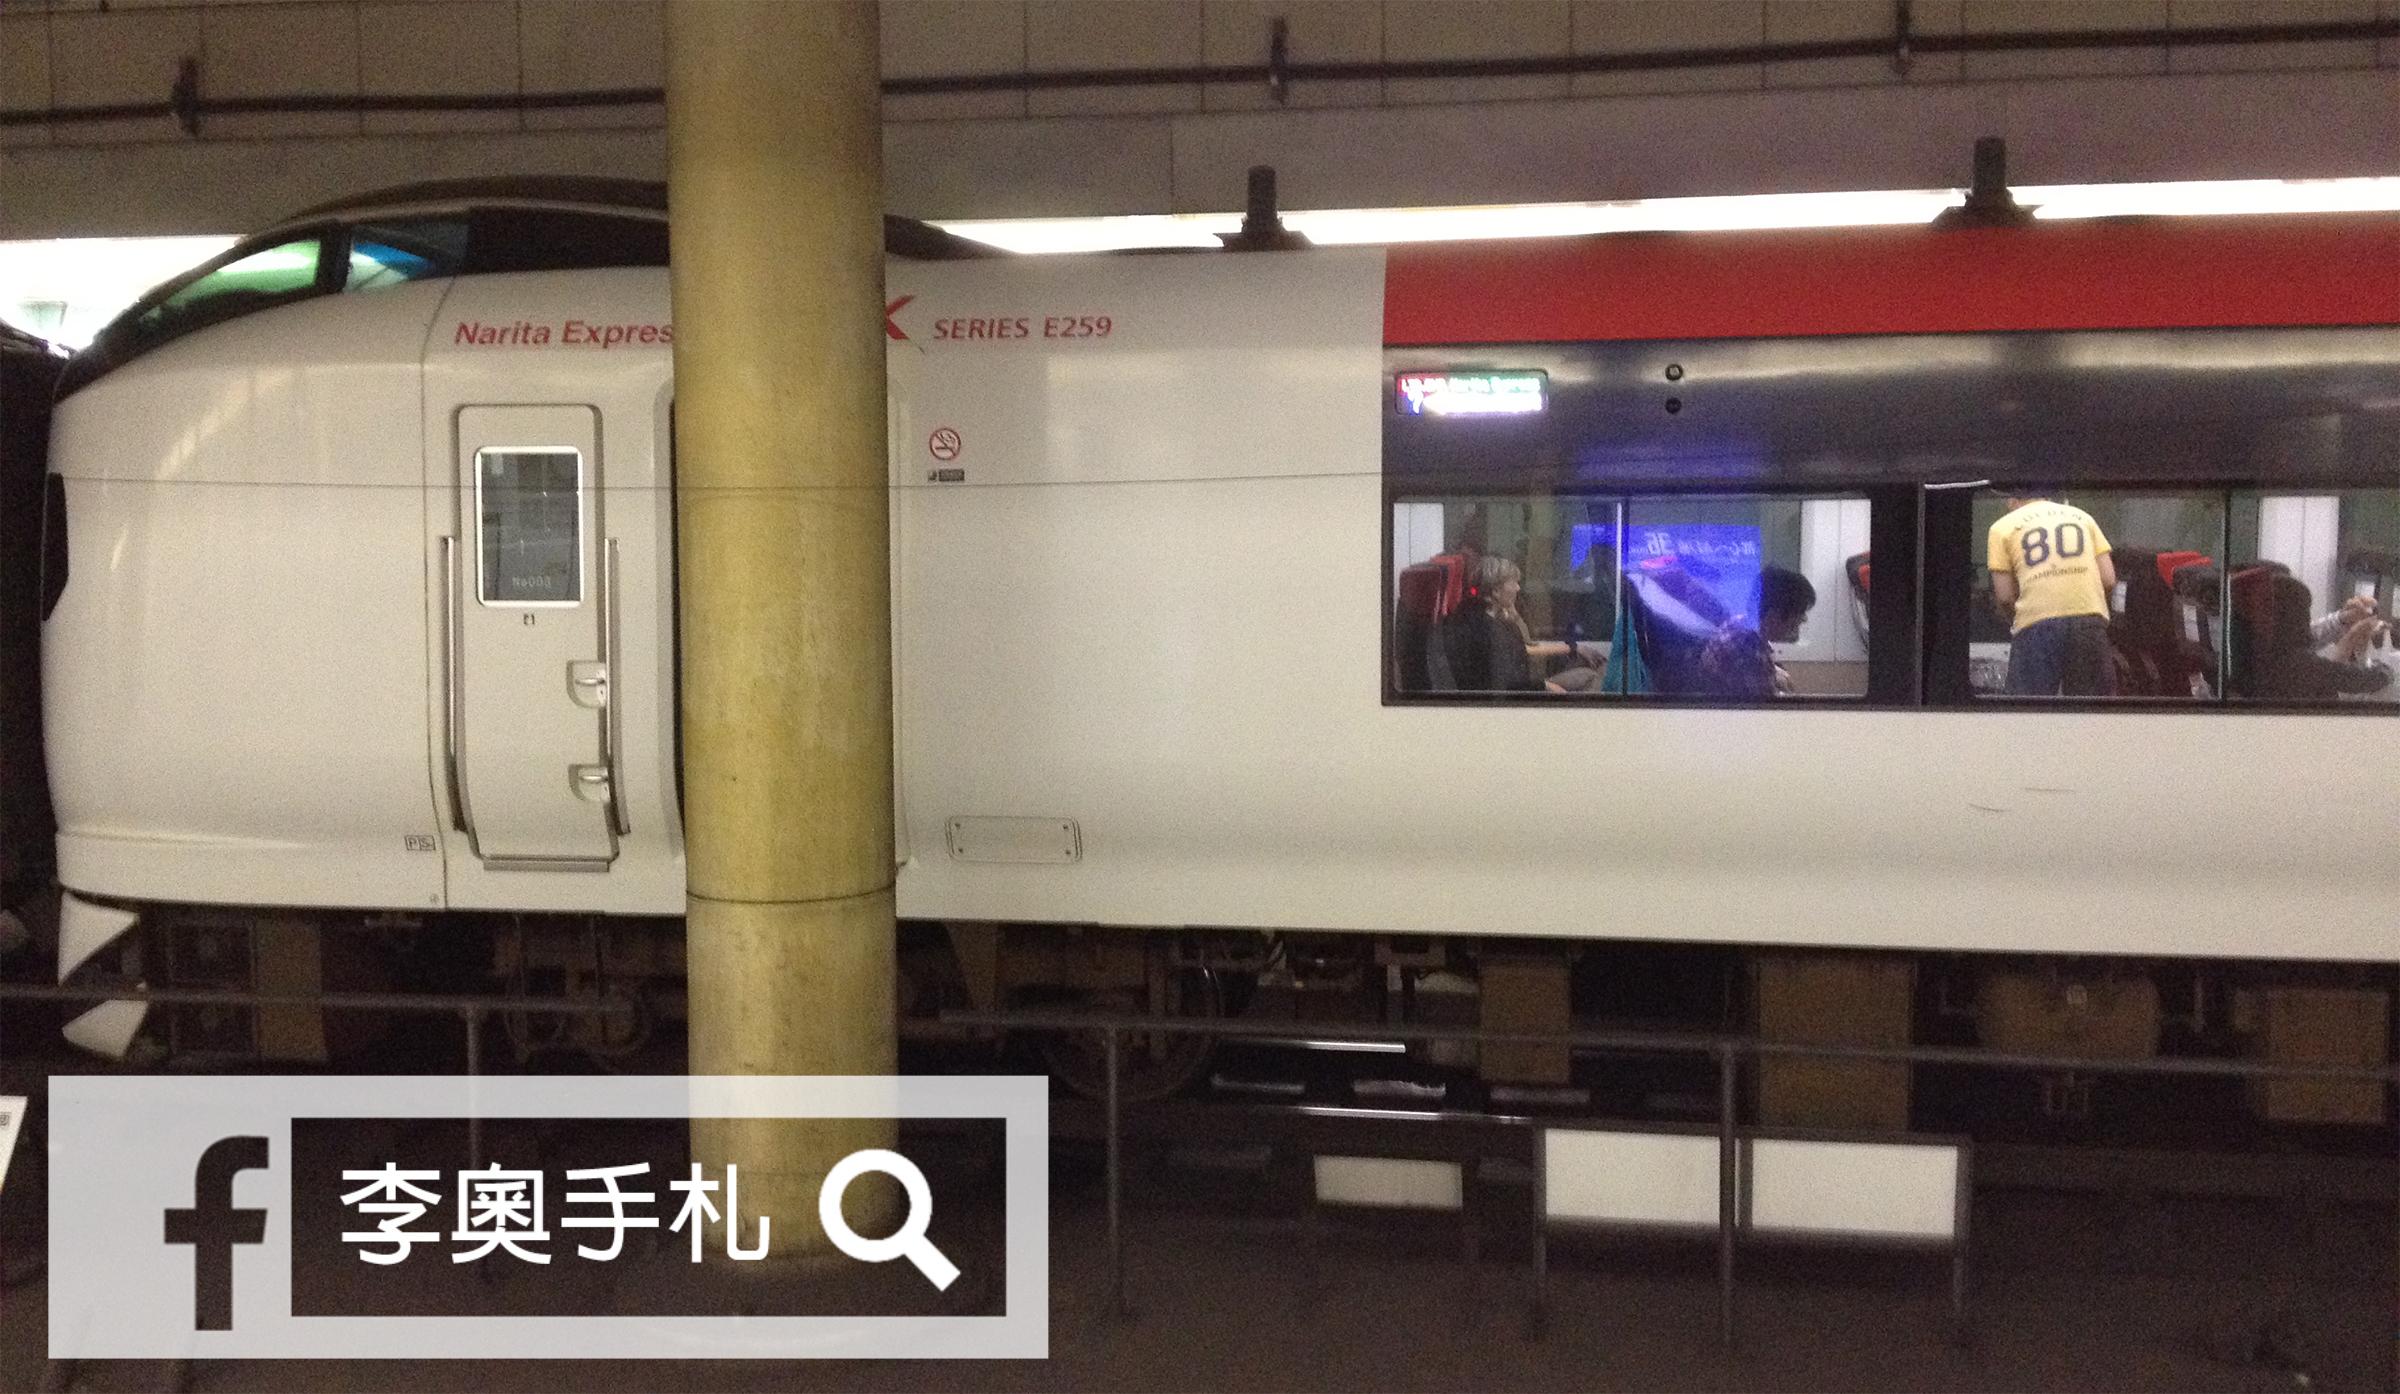 新幹線 人身事故 九州 新幹線、血を付けたまま走り続けた異常事態